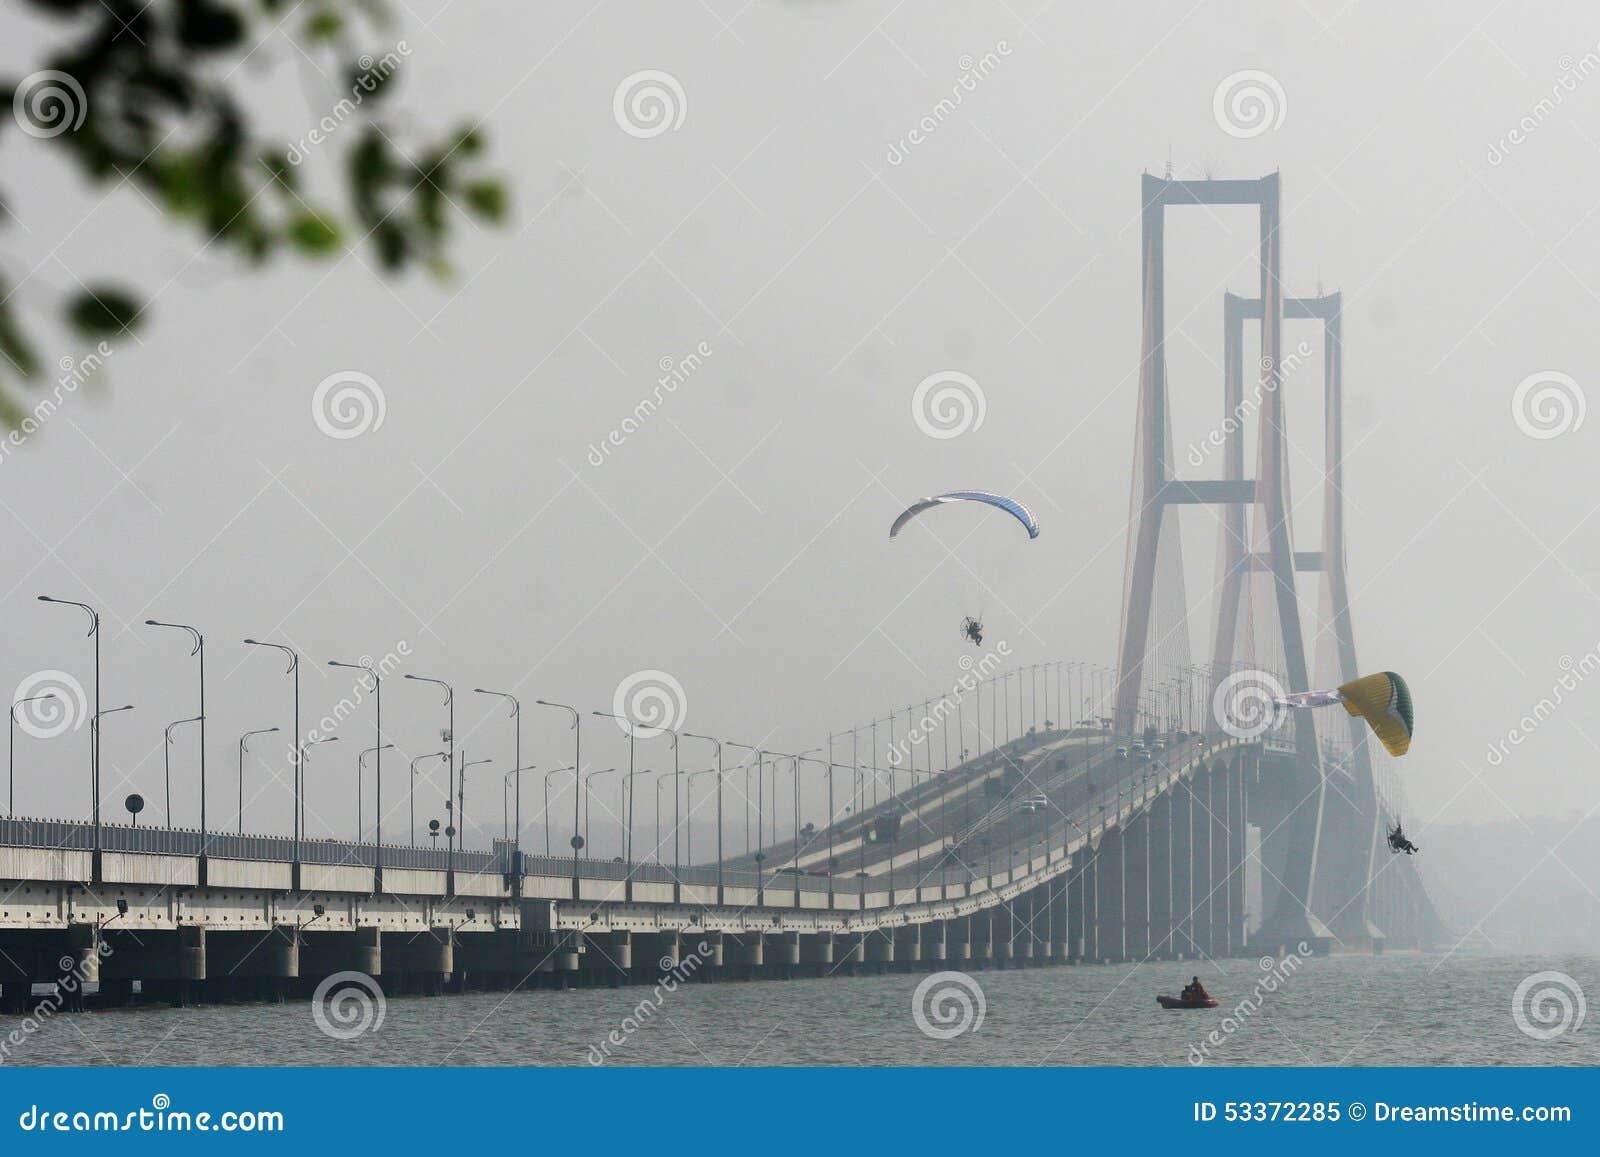 Paramotors en el puente de Suramadu